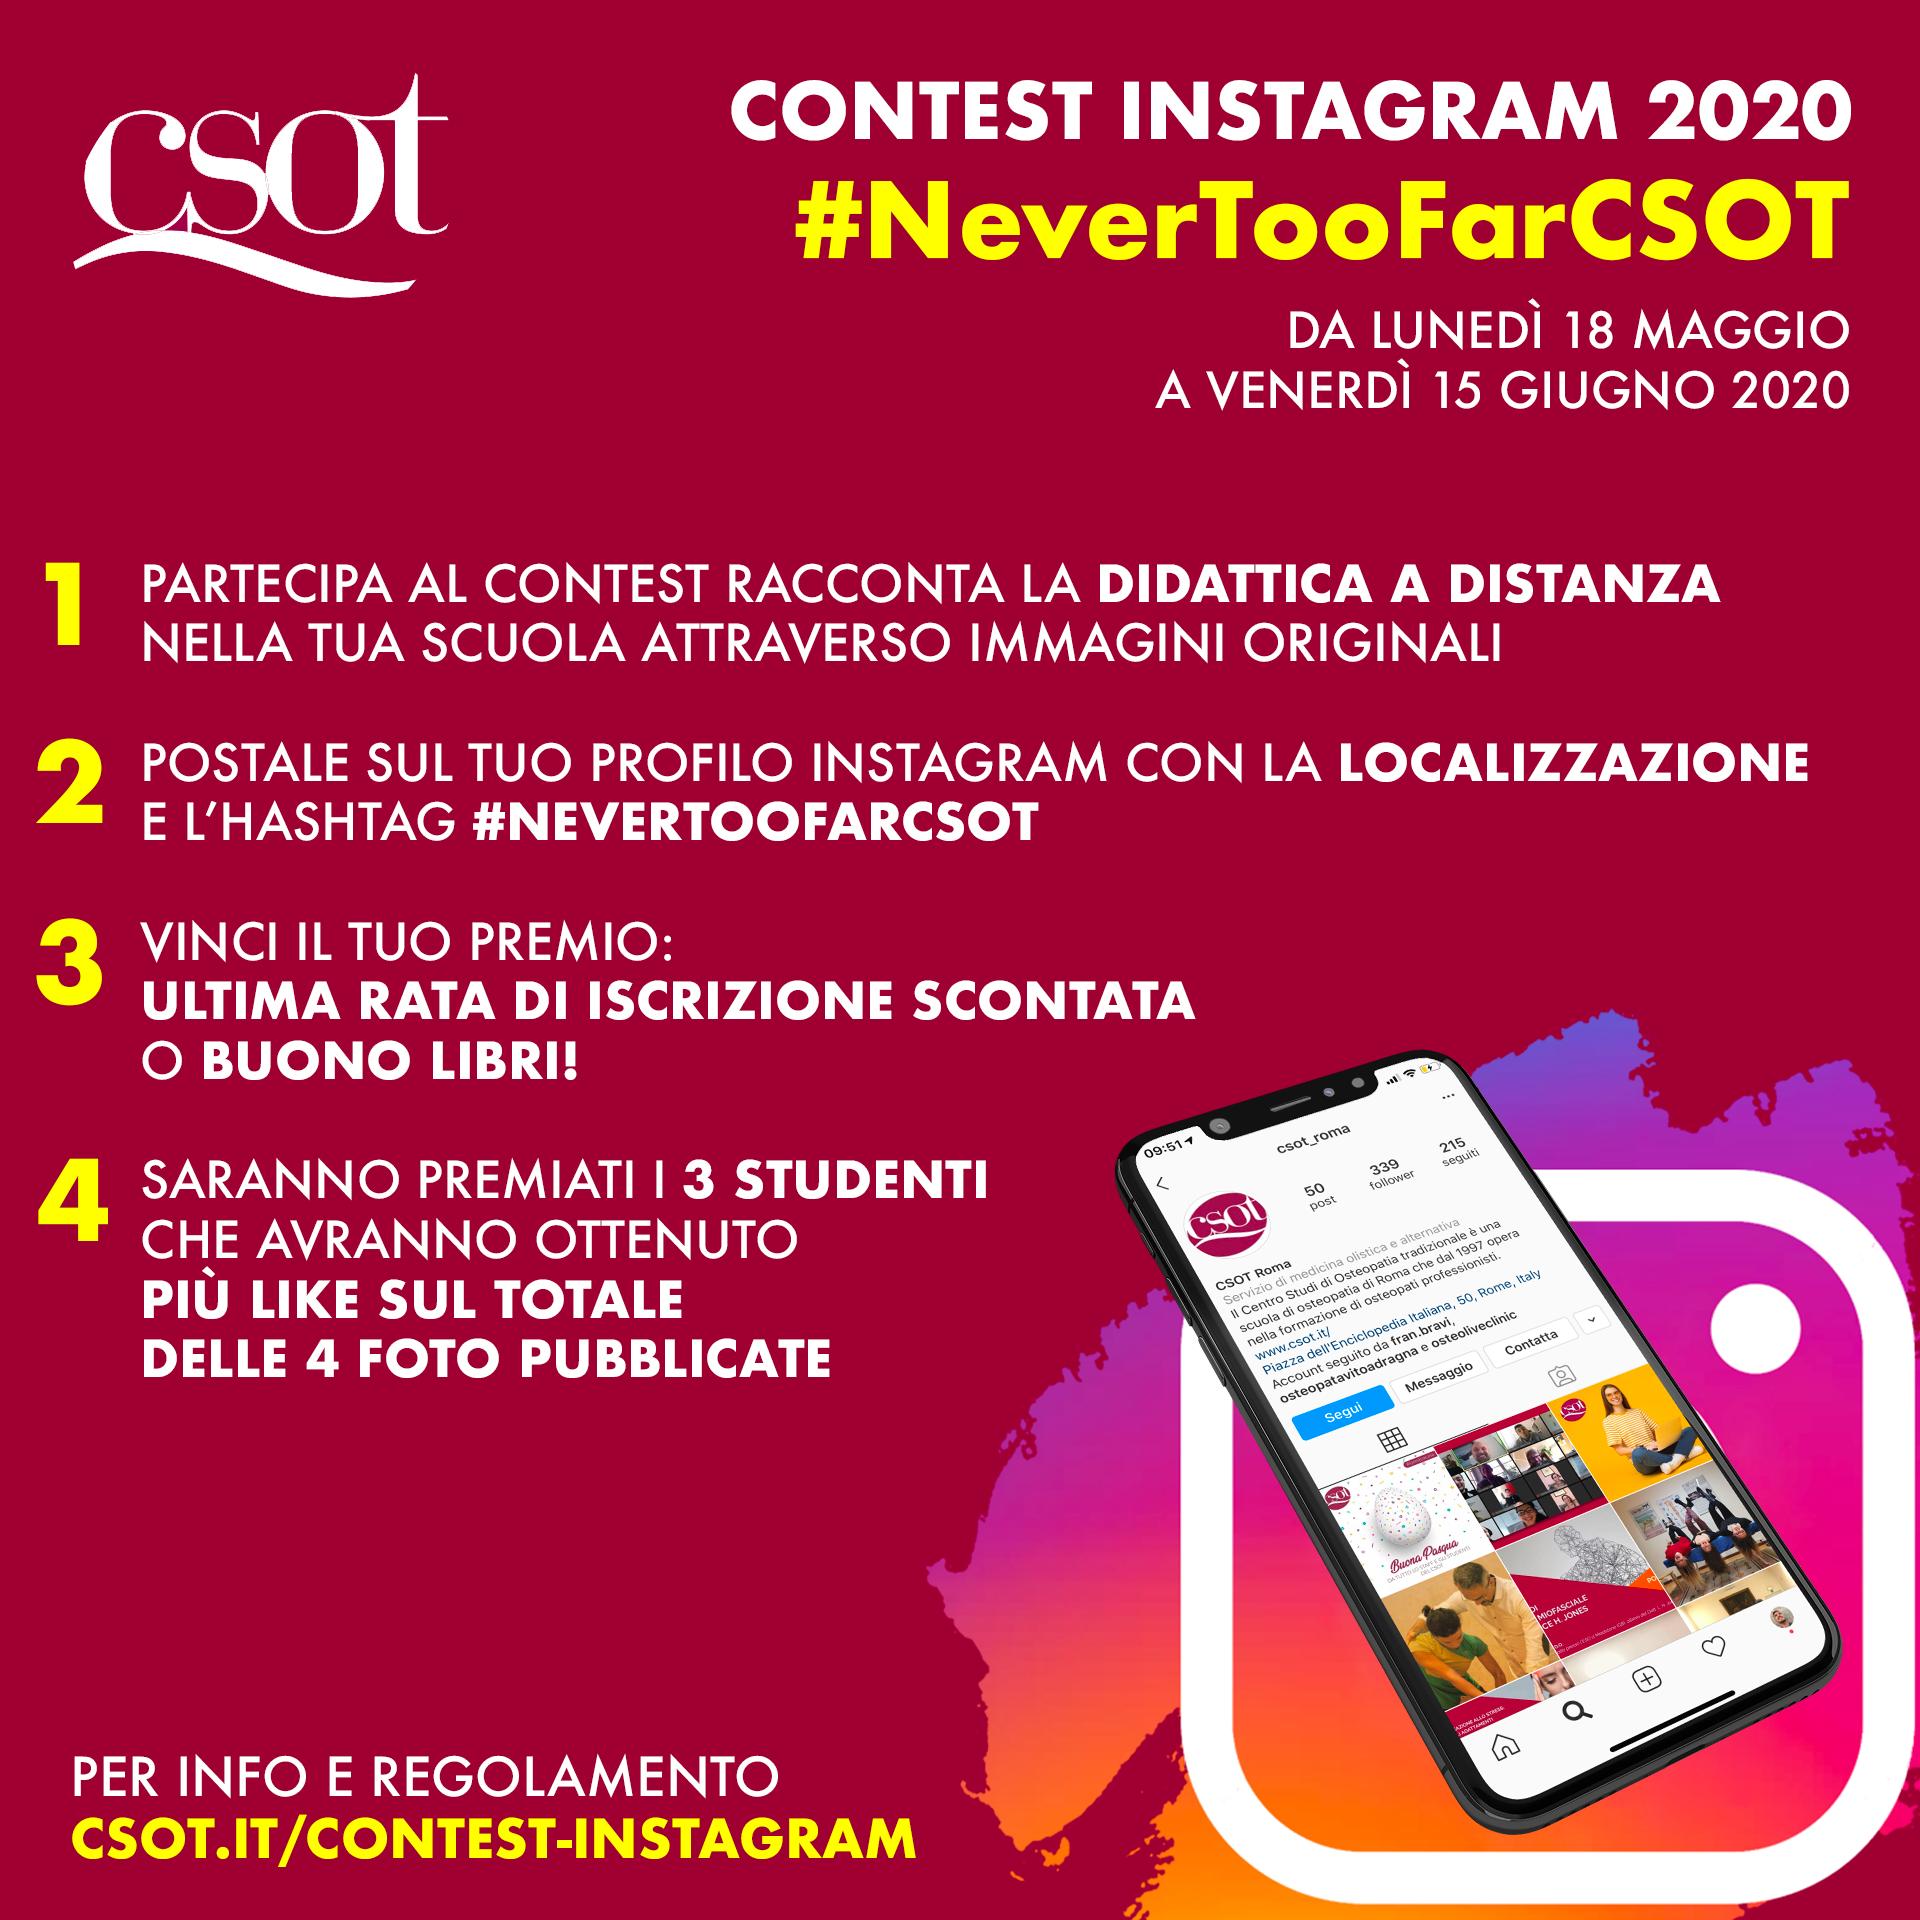 csot instagram 2020 never too far